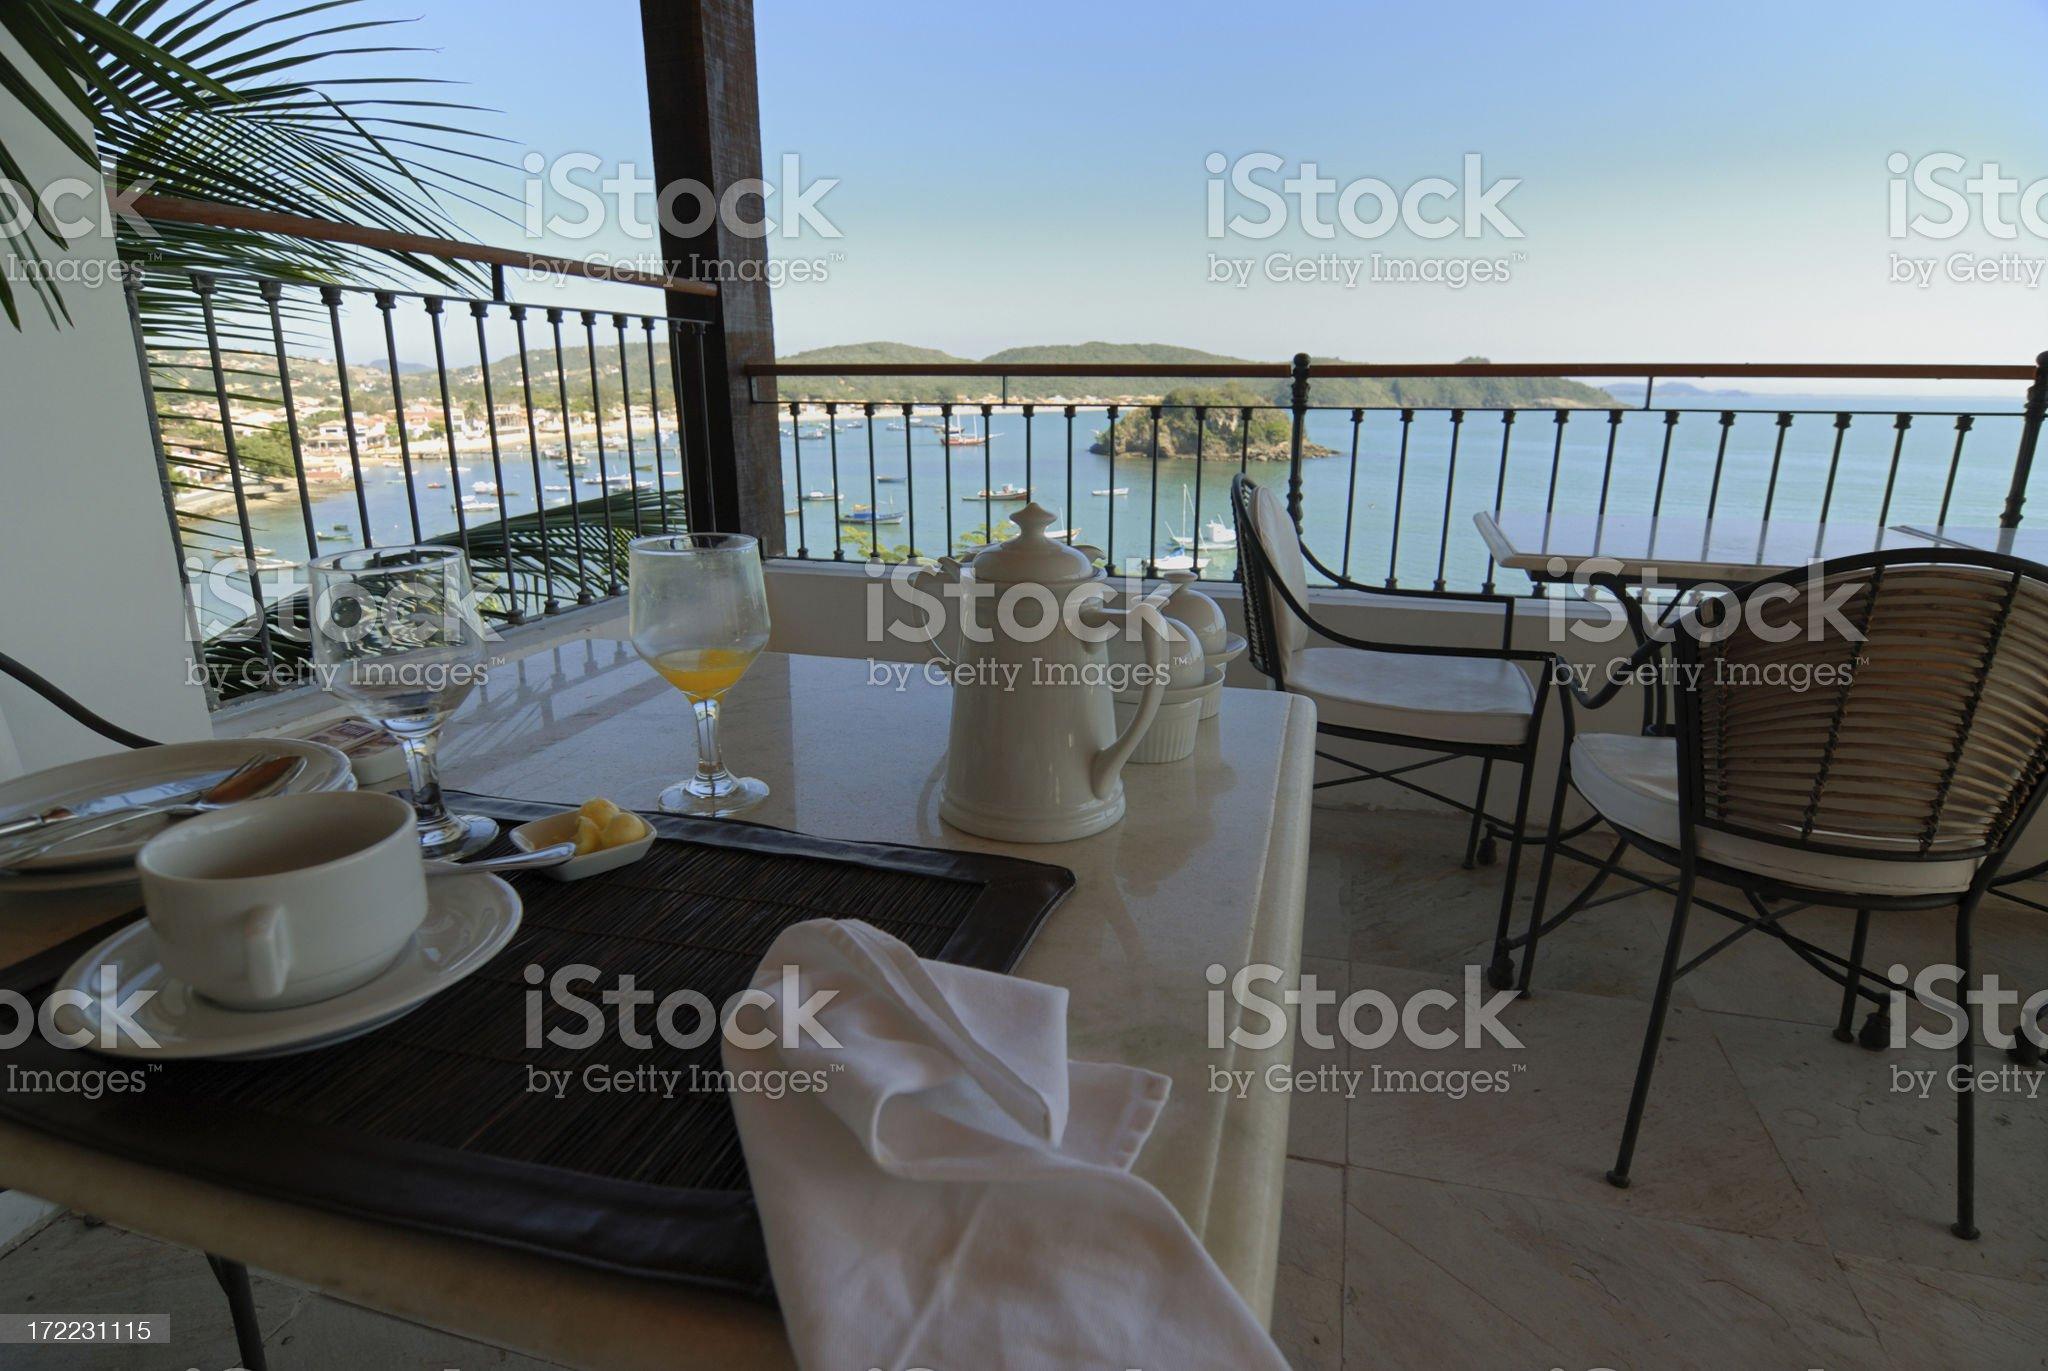 Holiday Breakfast royalty-free stock photo